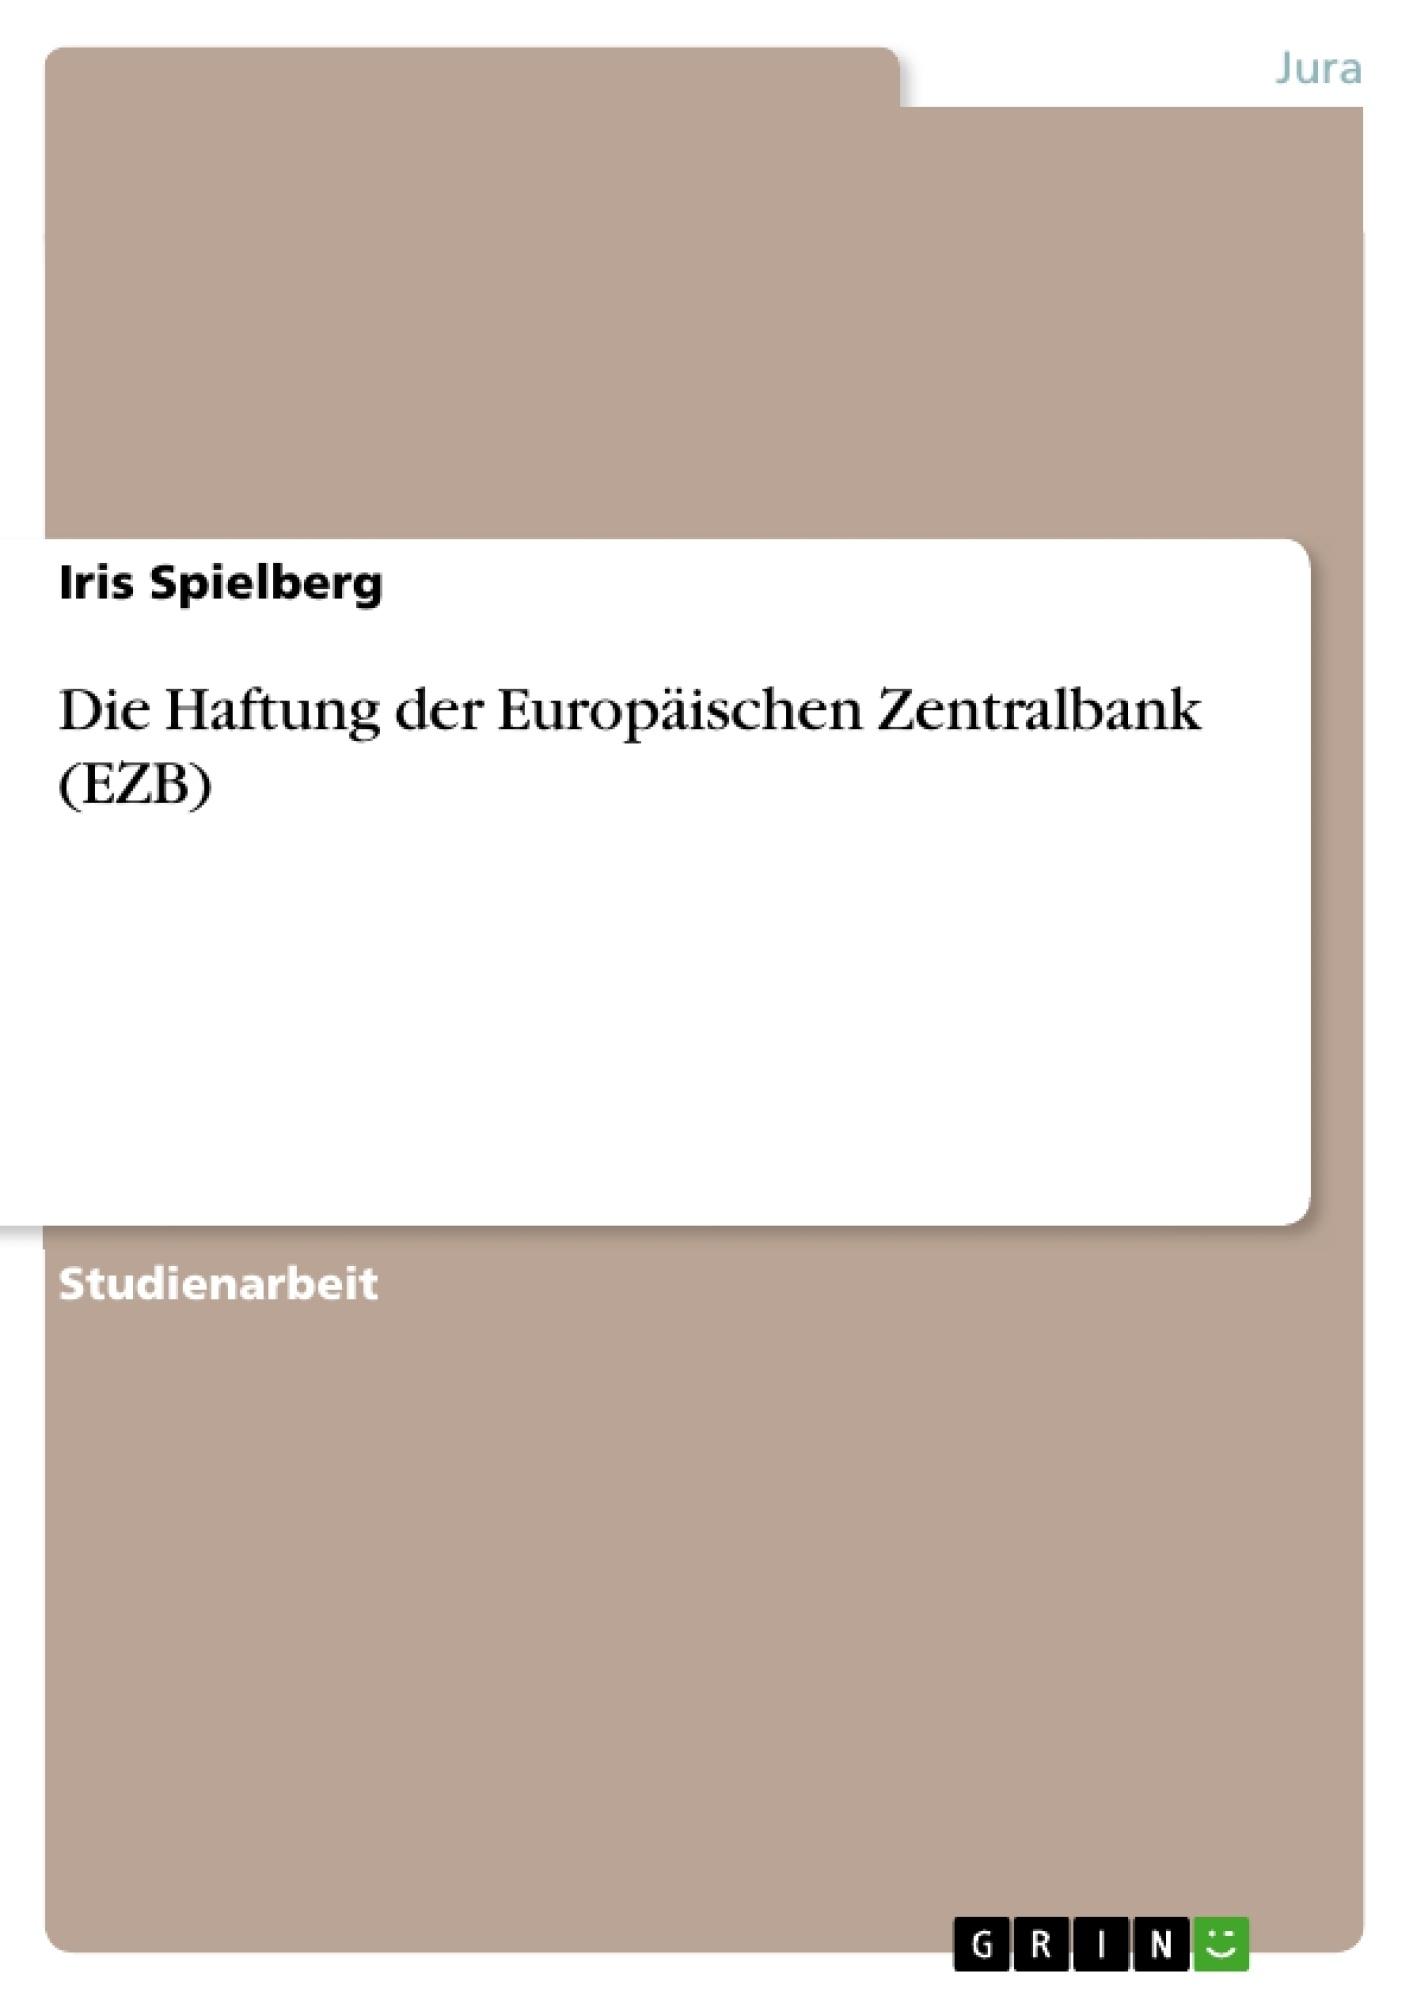 Titel: Die Haftung der Europäischen Zentralbank (EZB)